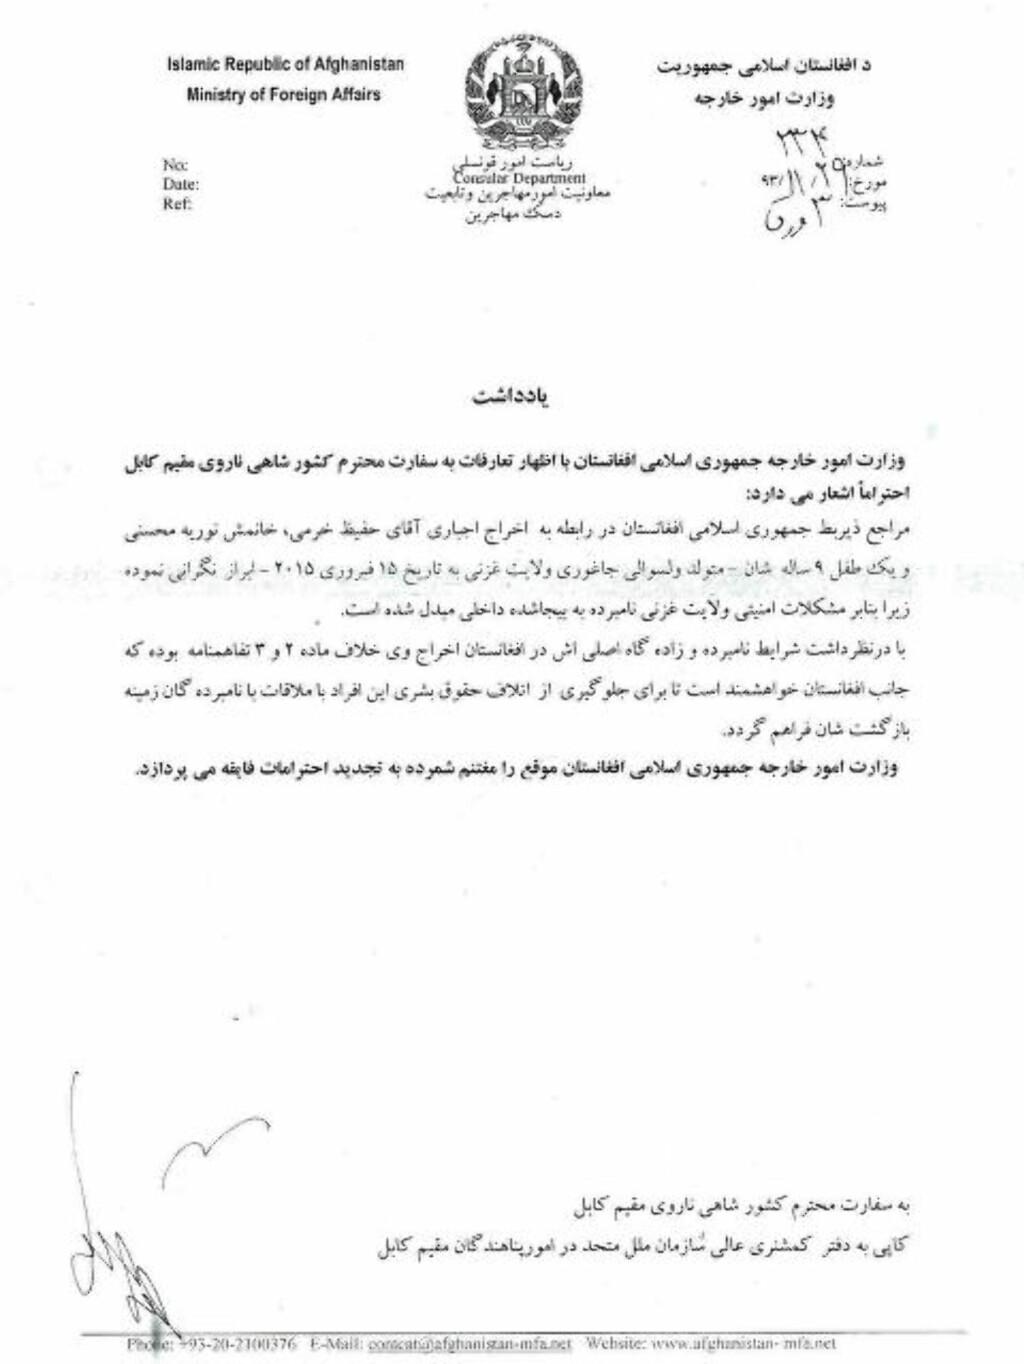 - ORDNE RETUR:  Også Afghanistans utenriksdepartement er klare på at Farida (9) og foreldrene bør komme tilbake til Norge, på grunn av den usikre sikkerhetssituasjonen i Afghanistan: Ordne deres retur for å ivareta deres menneskerettigheter, er beskjeden fra Afghanistan til Norge.